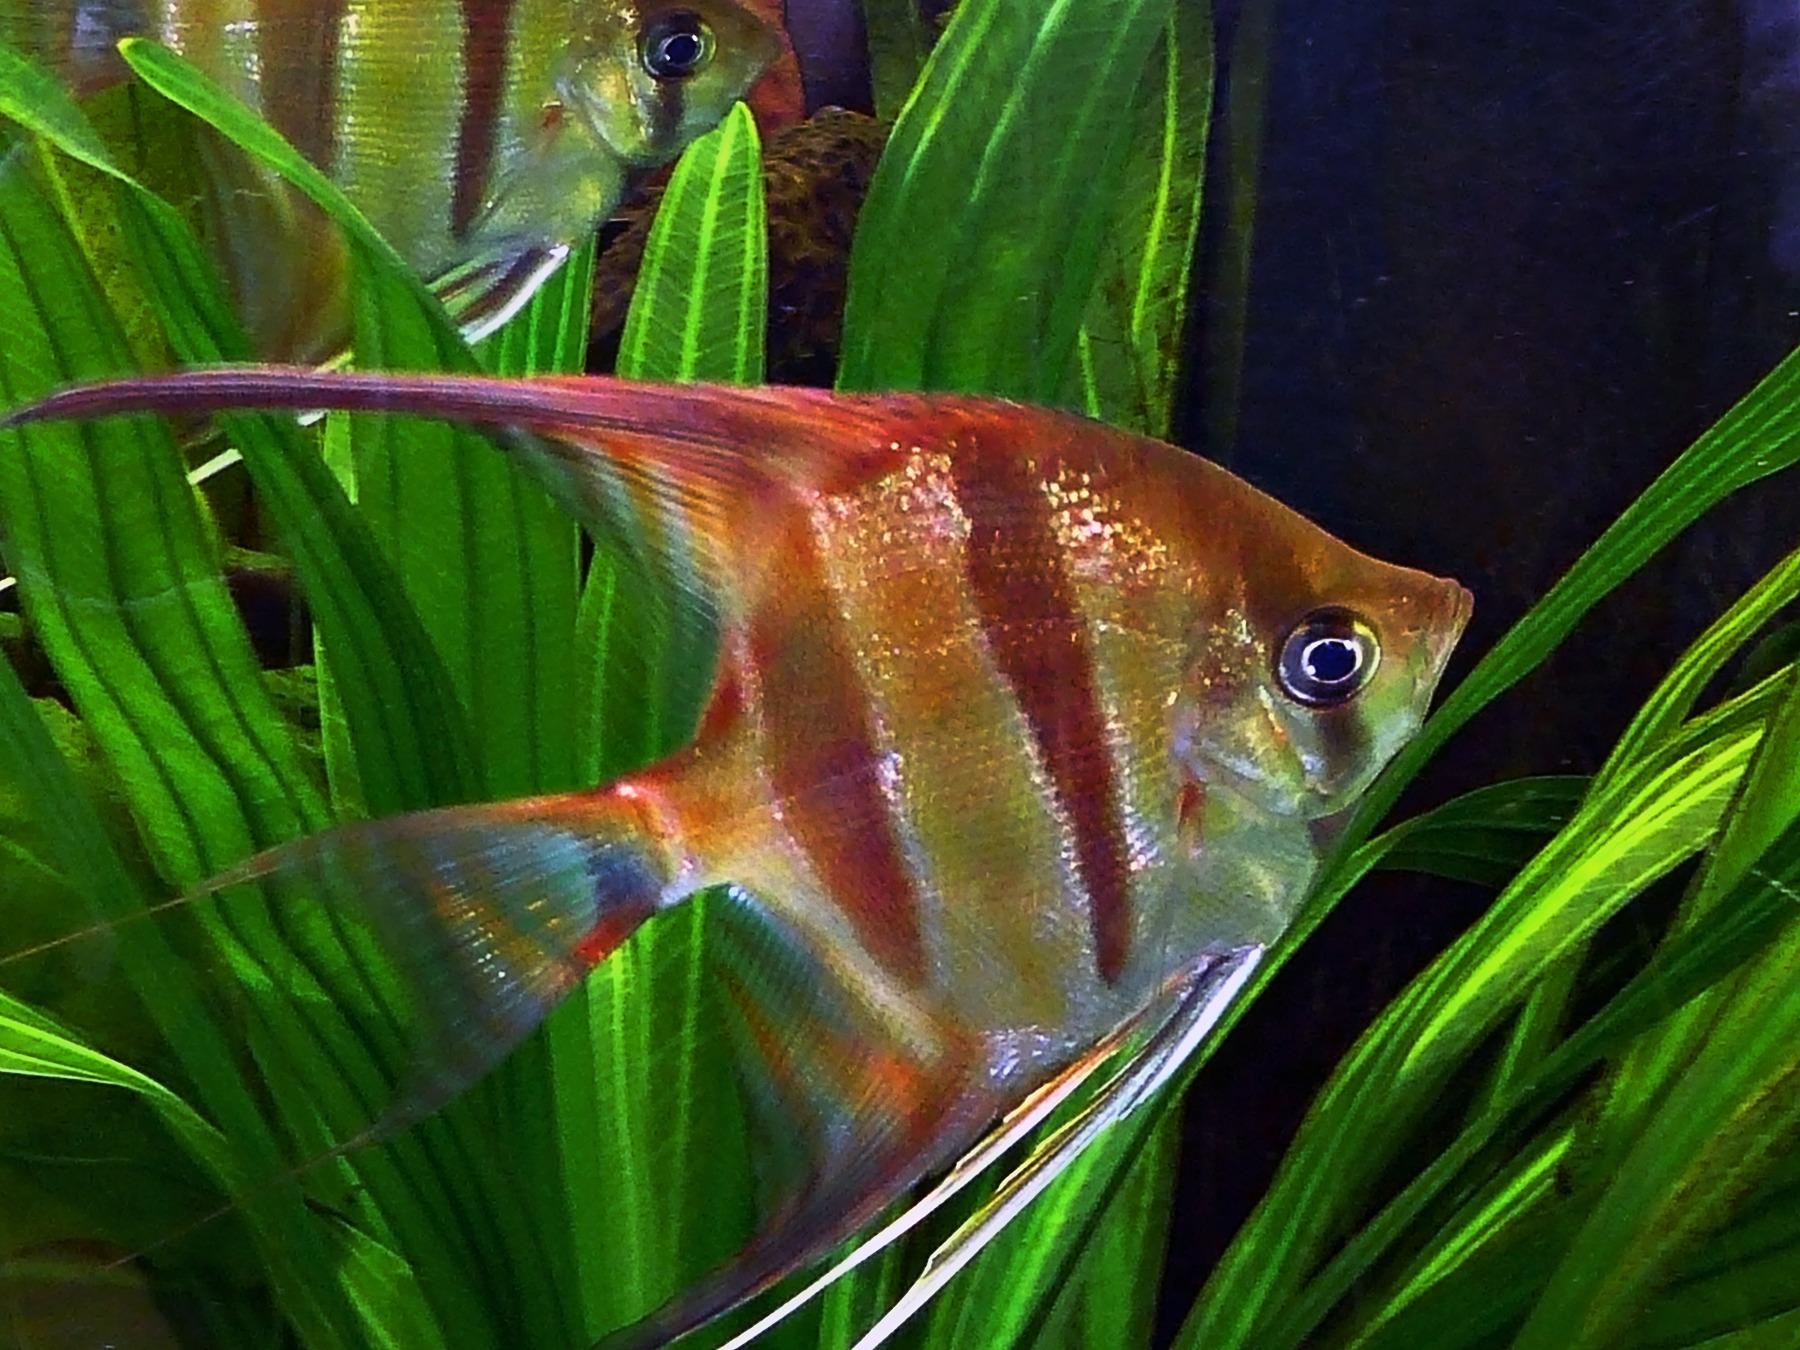 Acquario perfetto, con pesci in salute